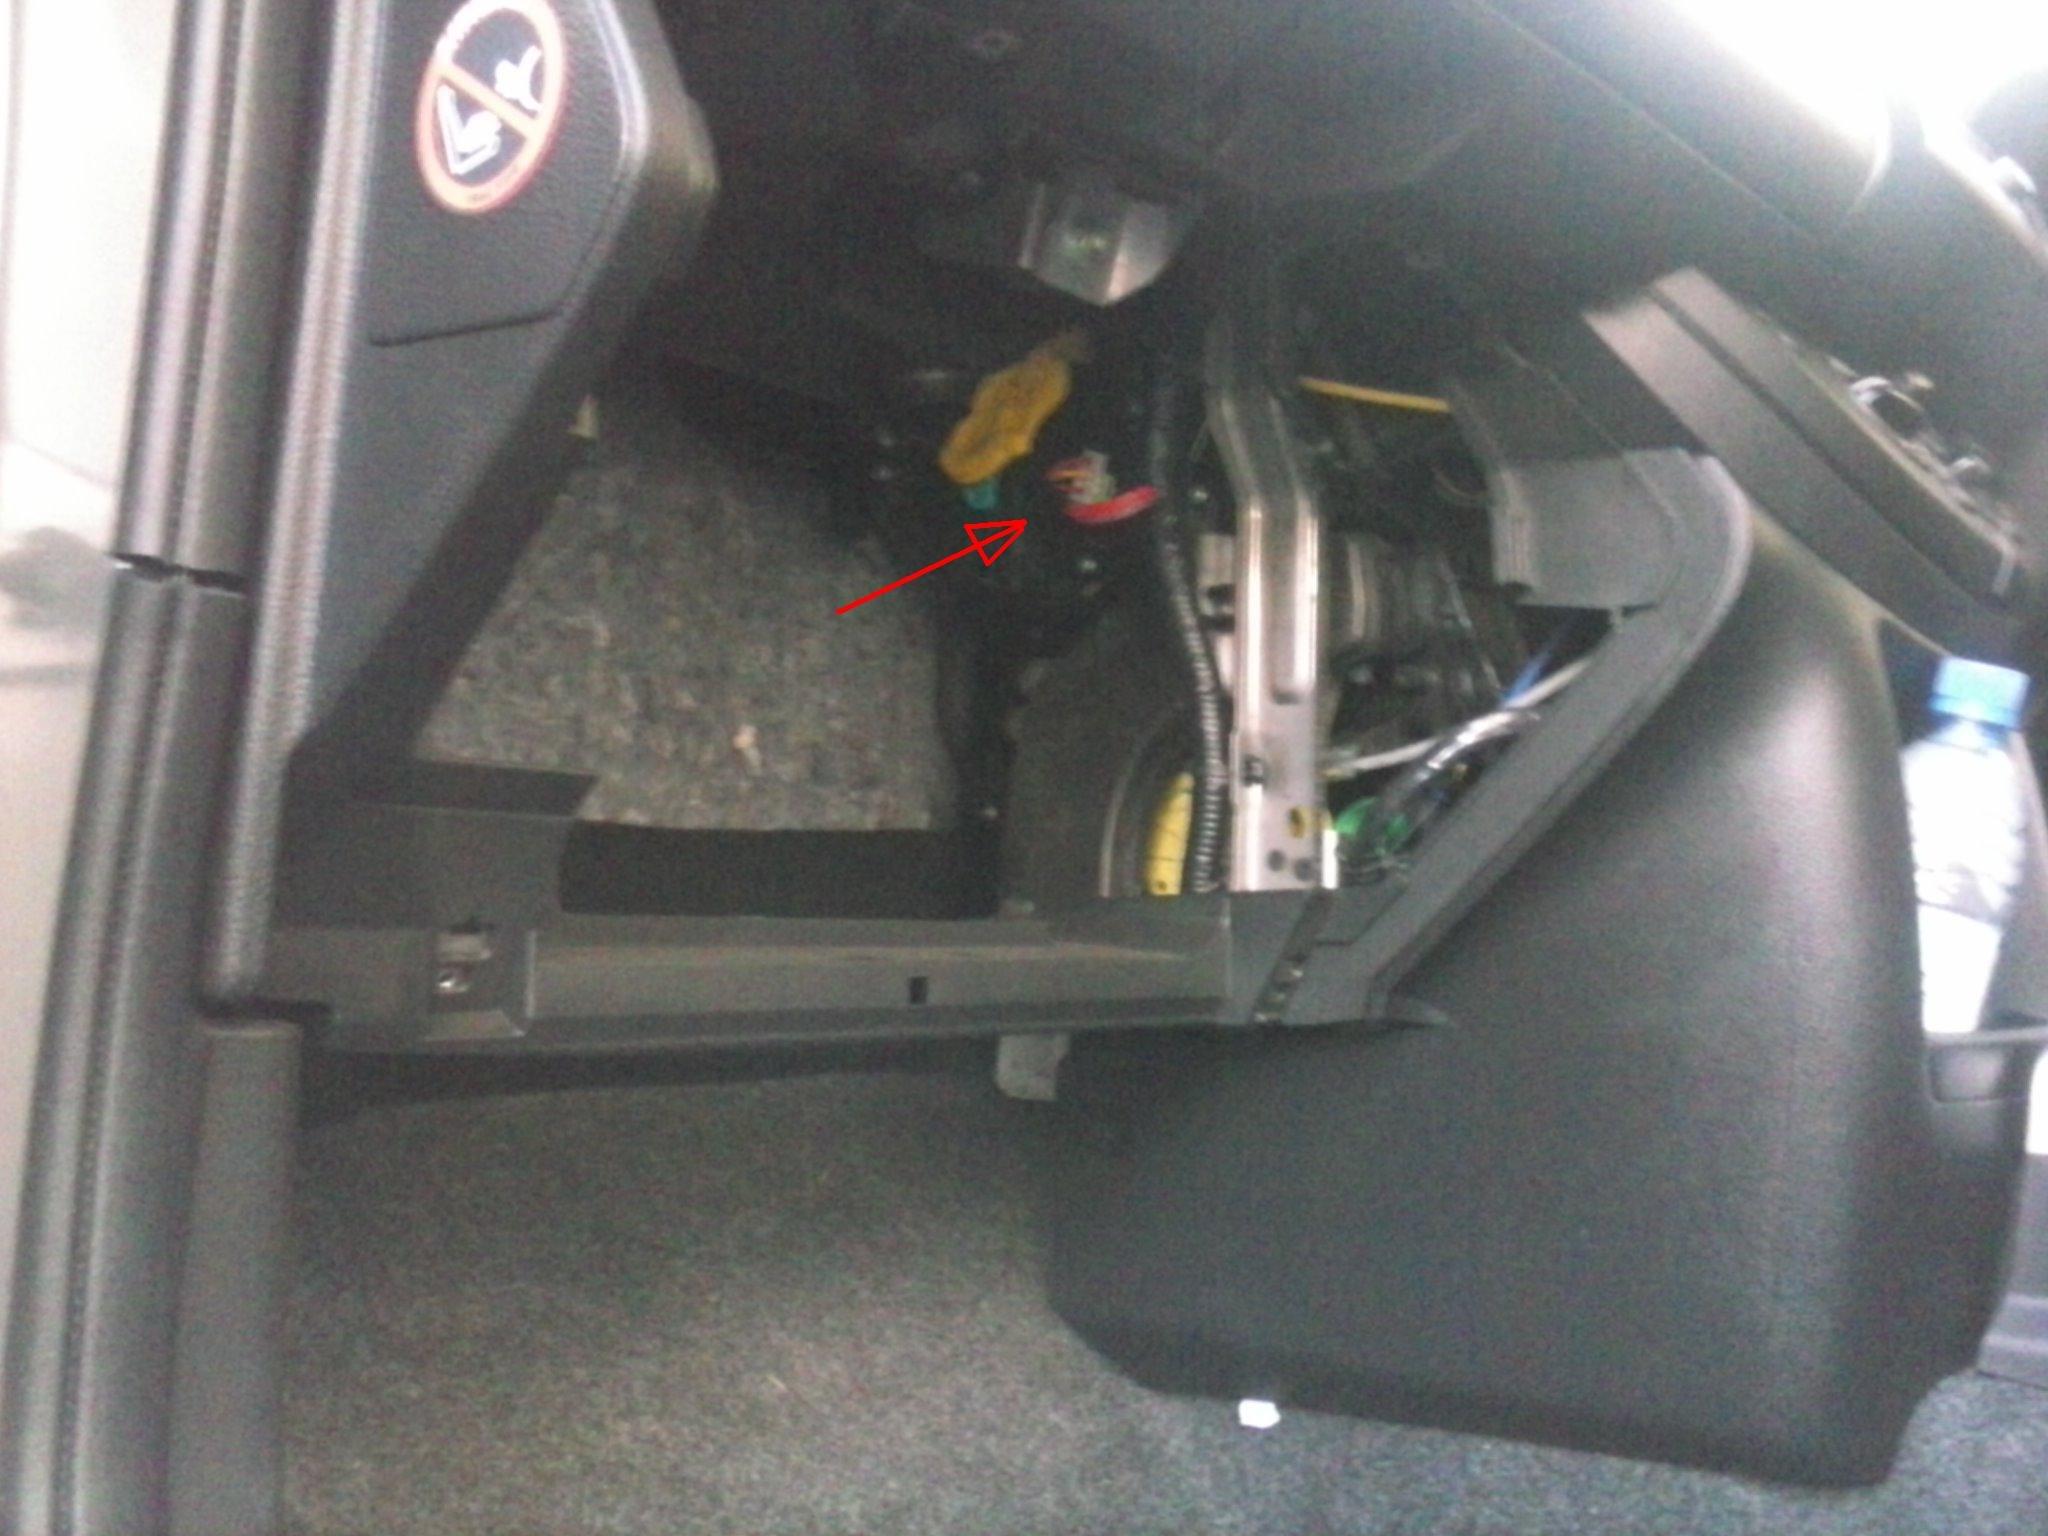 heater control module in situ